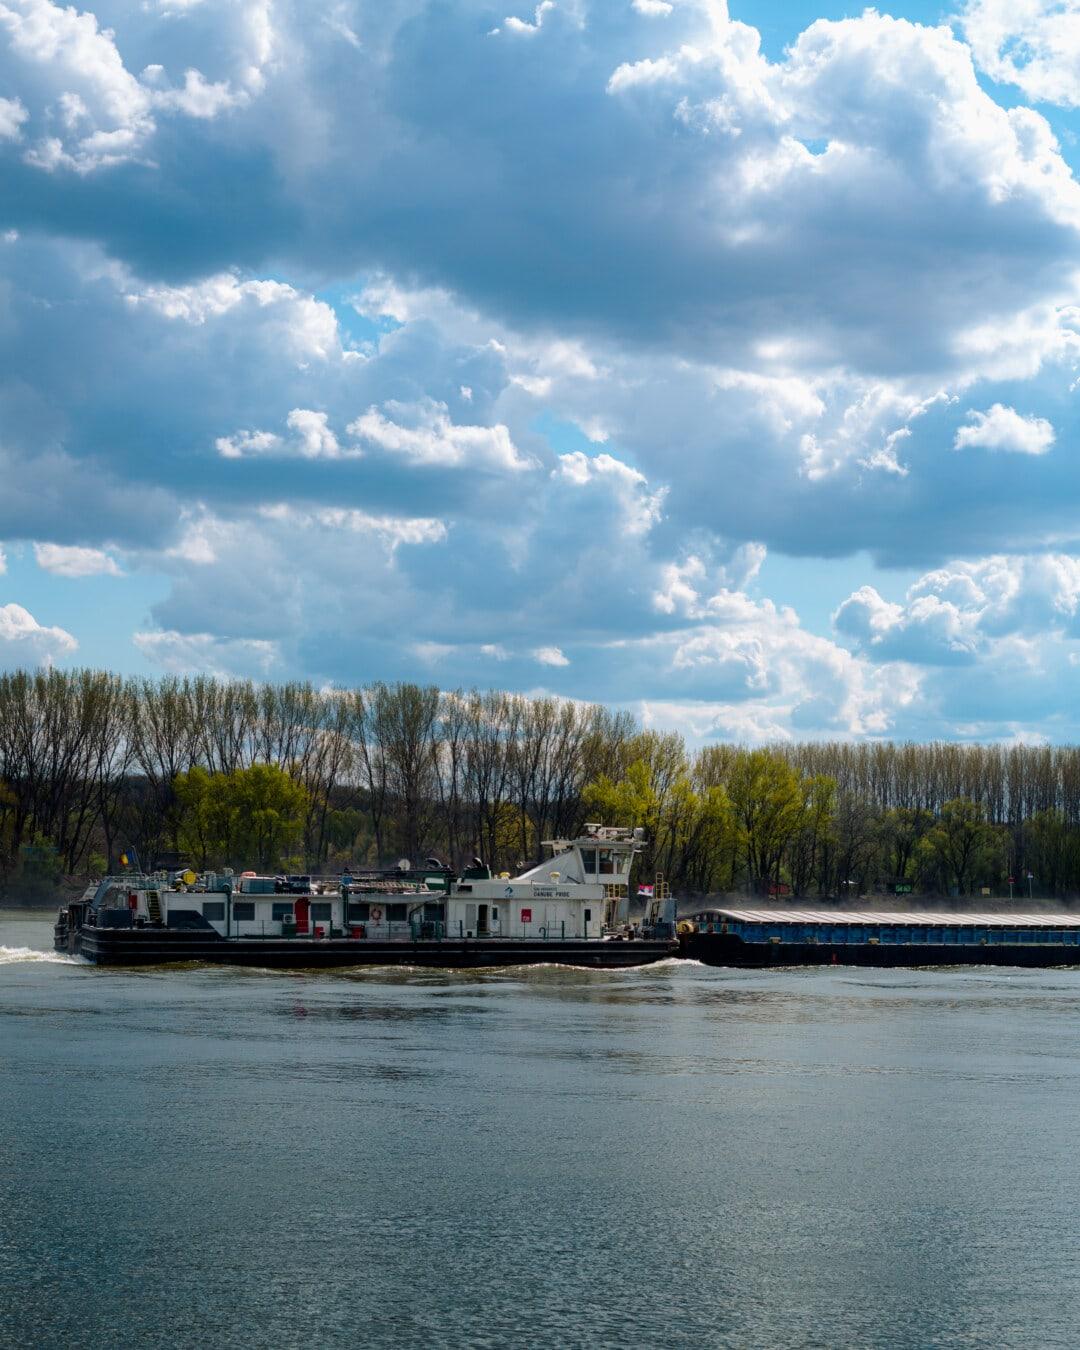 Frachtschiff, Schiff, Fracht, Versand, Lastkahn, Fluss, Seitenansicht, Schönwetter, Wasser, Boot